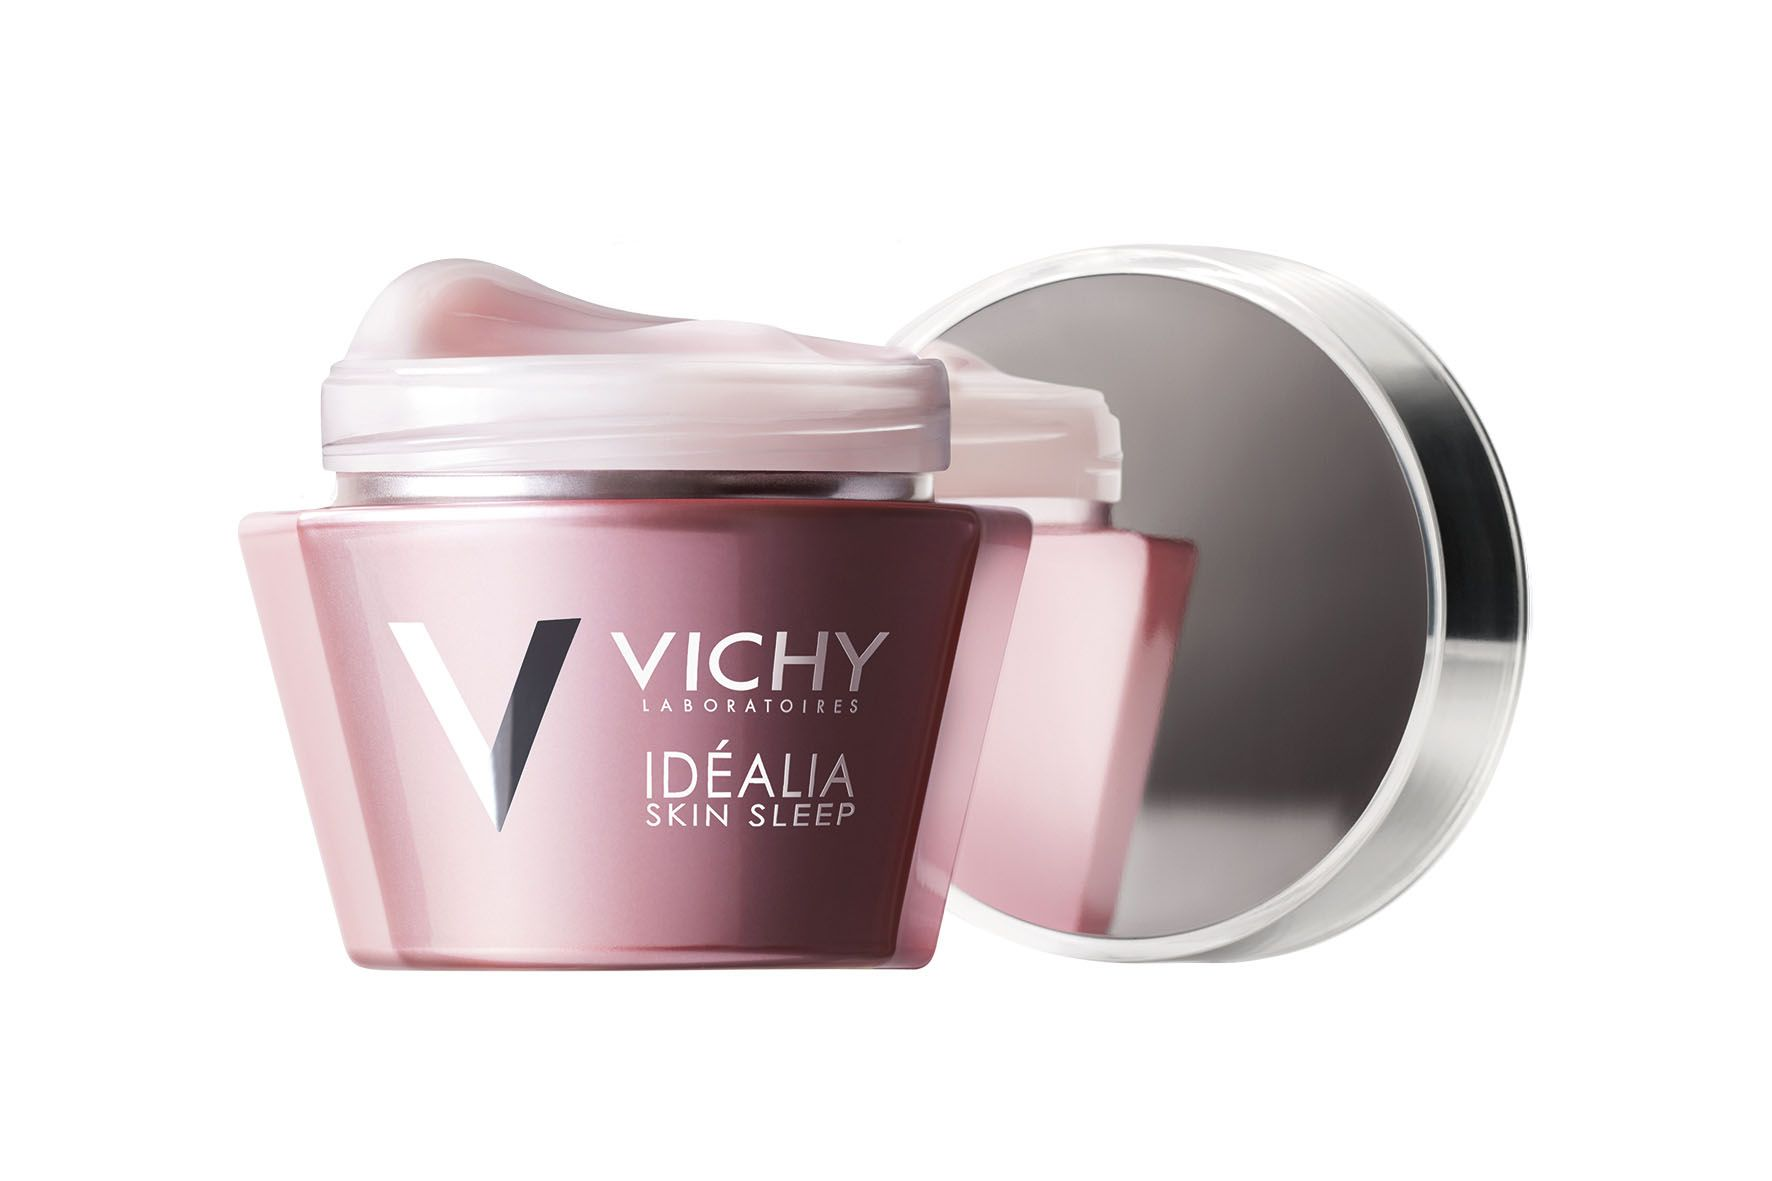 Vichy – IDÉALIA SKIN SLEEP  Koffein, Glycyrrhetinsäure, LHA und reparierenden Ölen, ermöglicht eine Runderneuerung der Haut im Tiefschlaf. Der angenehme Balsam hydratisiert, regt die Microzirkulation und Zellerneuerung an, unterstützt den Abschuppungsprozess, kräftigt die Hautbarriereschicht und Entzündungsmediatoren werden durch Glycyrrhetinsäure und Vitamin B3 gemindert. Gesehen um € 29,50.